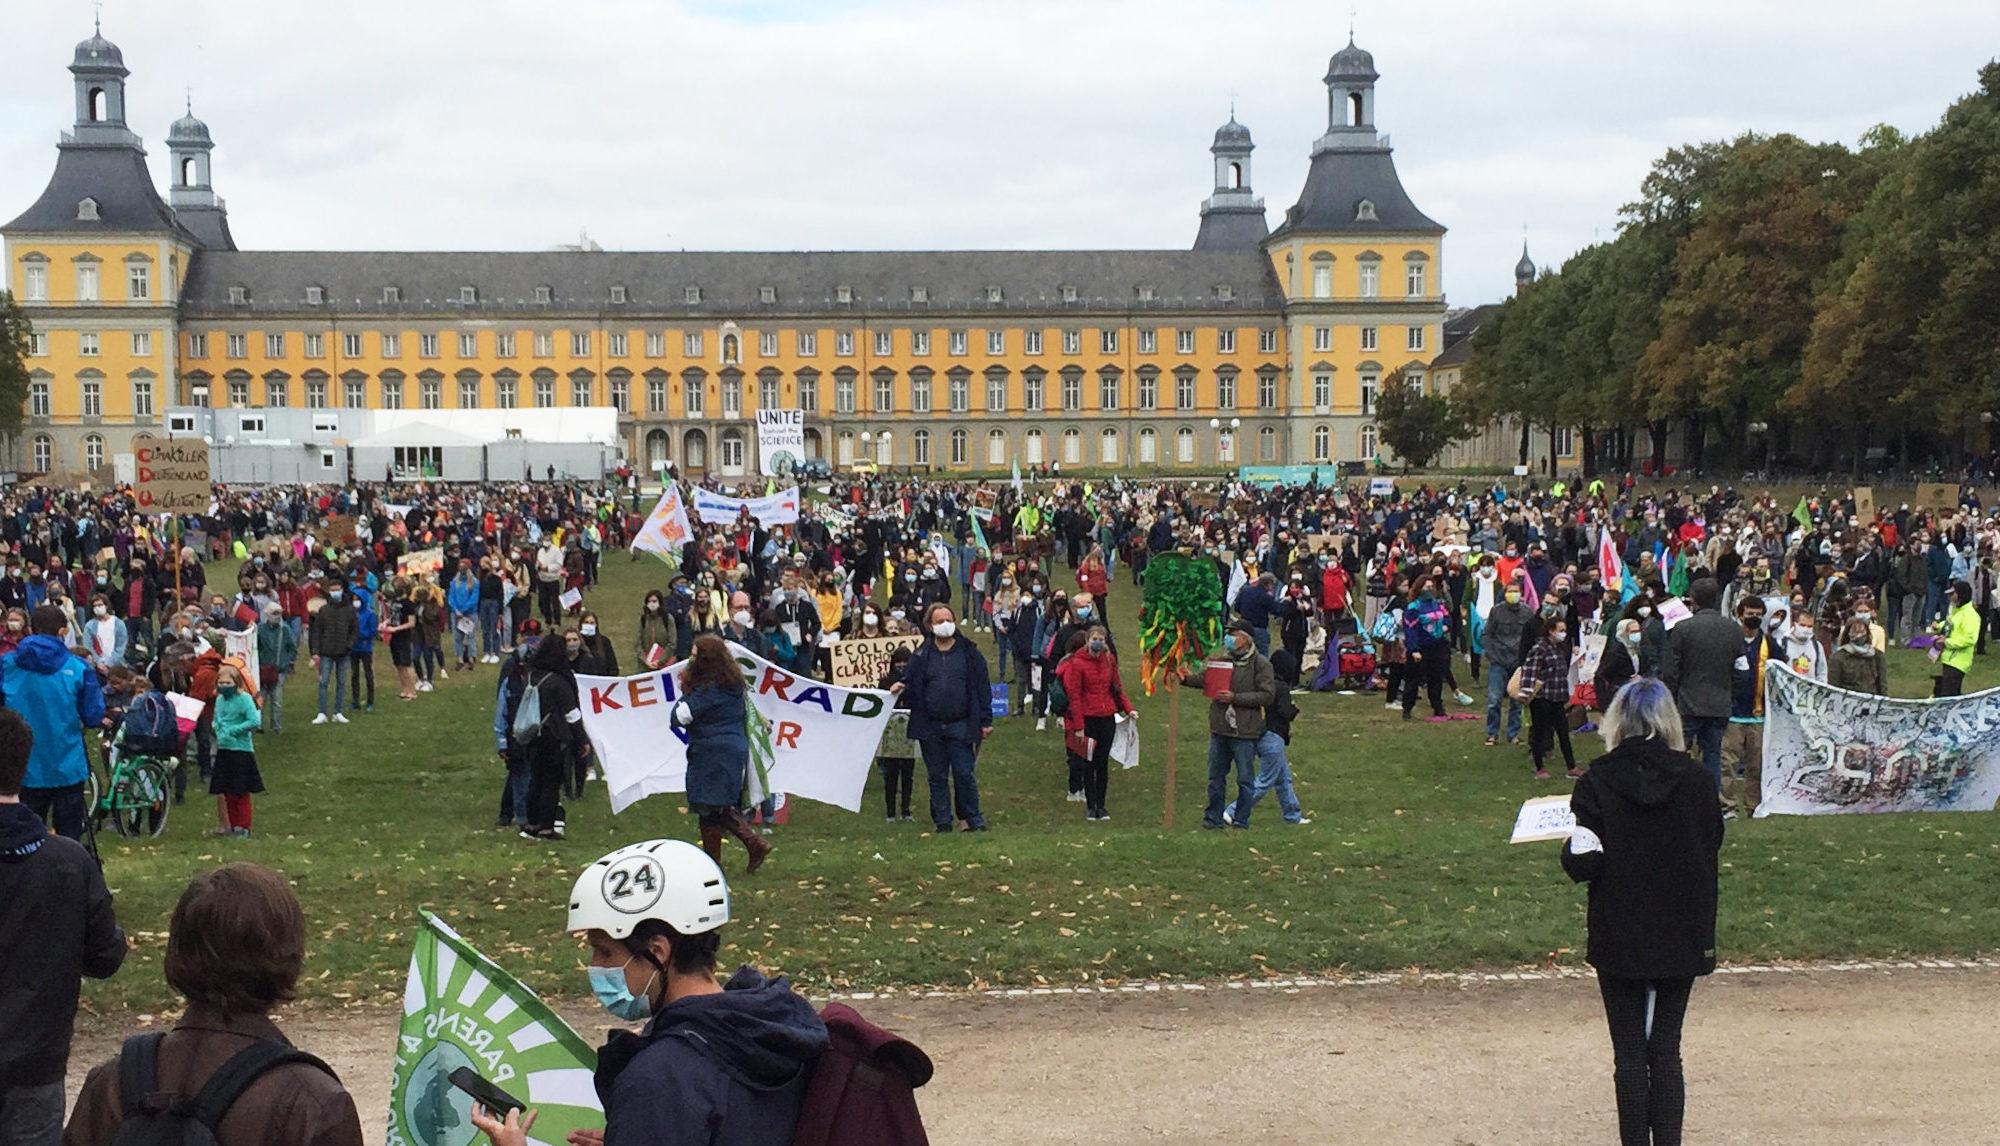 Menschenmenge mit Schildern auf der Wiese, im Hintergrund das Uni Gebäude